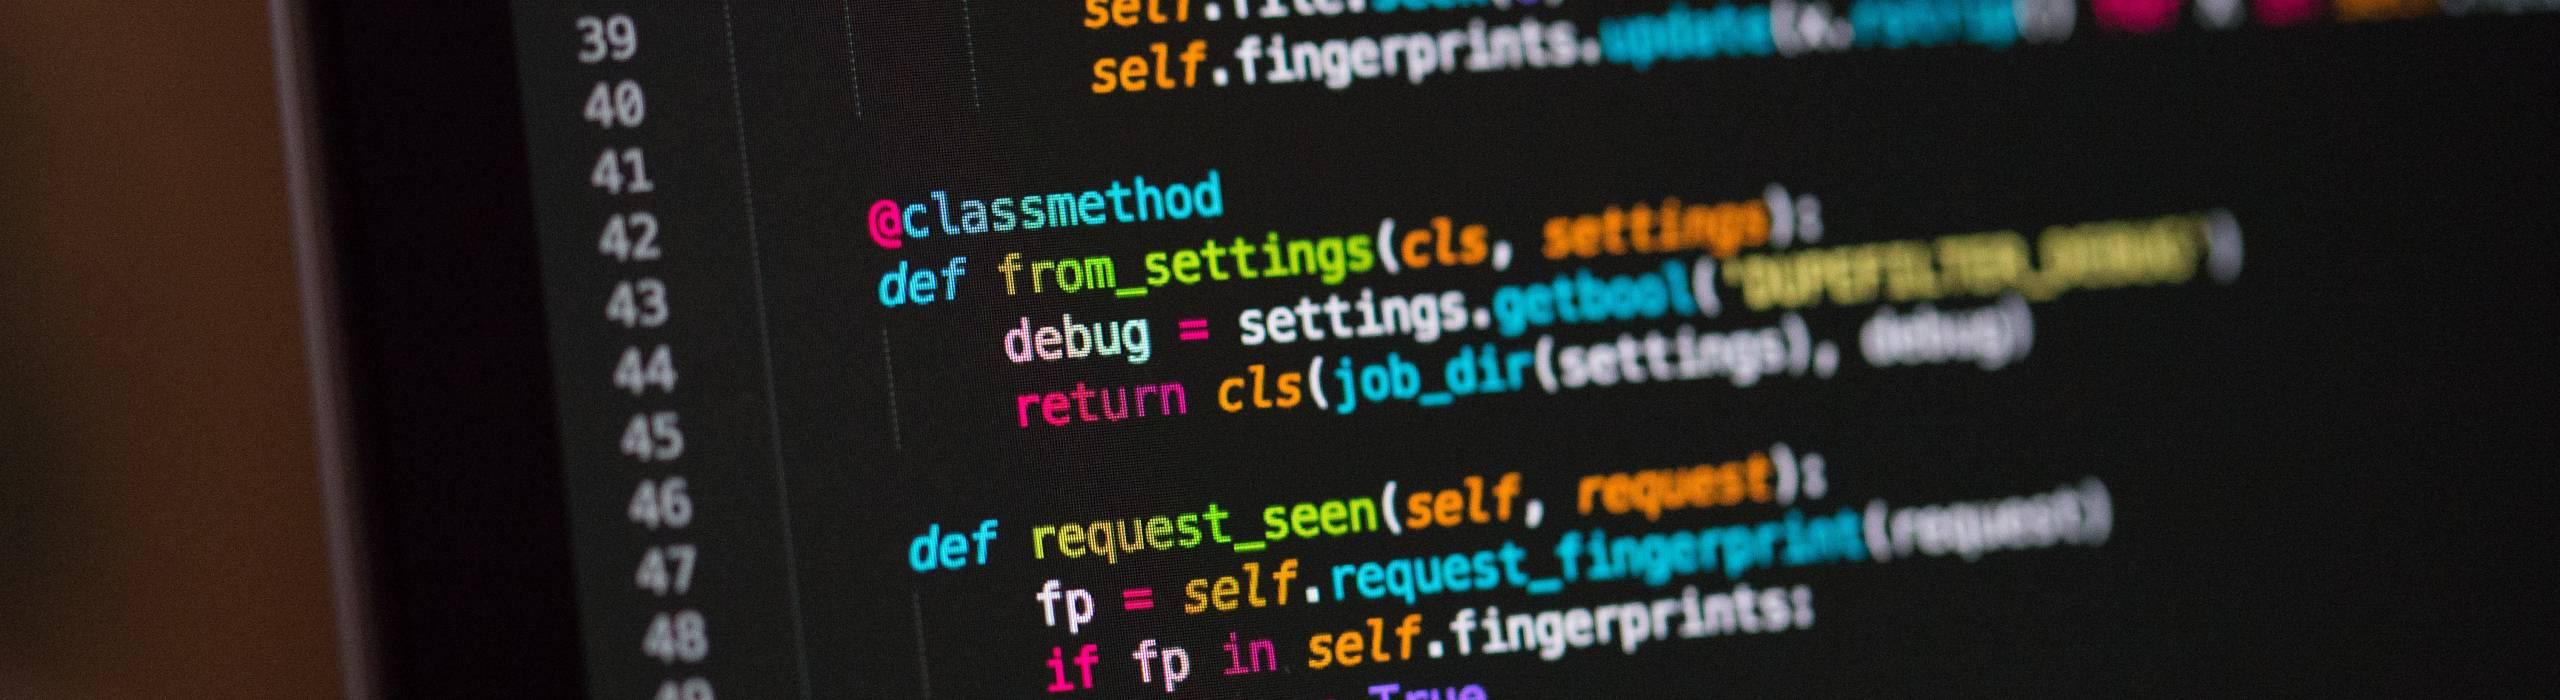 Close-up of laptop screen showing programming language